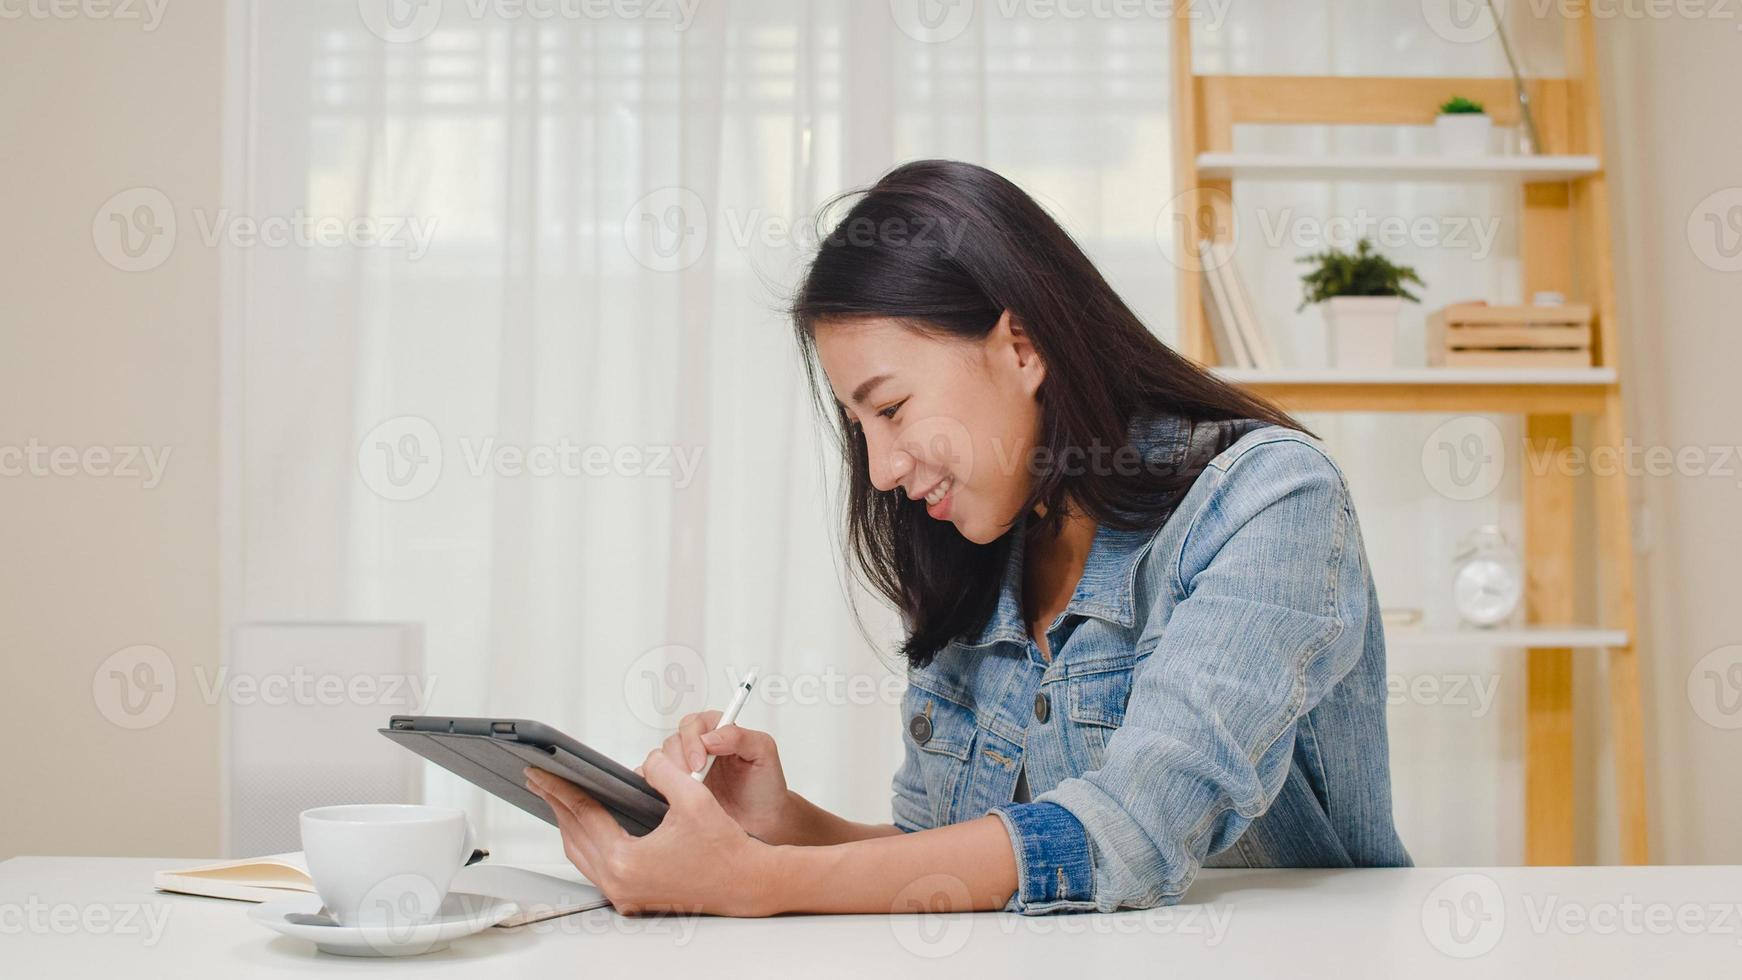 graphiste indépendante, vêtements décontractés pour femmes utilisant une tablette graphique numérique dessinant sur le lieu de travail dans le salon à la maison. heureuse jeune fille asiatique se détendre assis sur le bureau faire un travail sur internet. photo